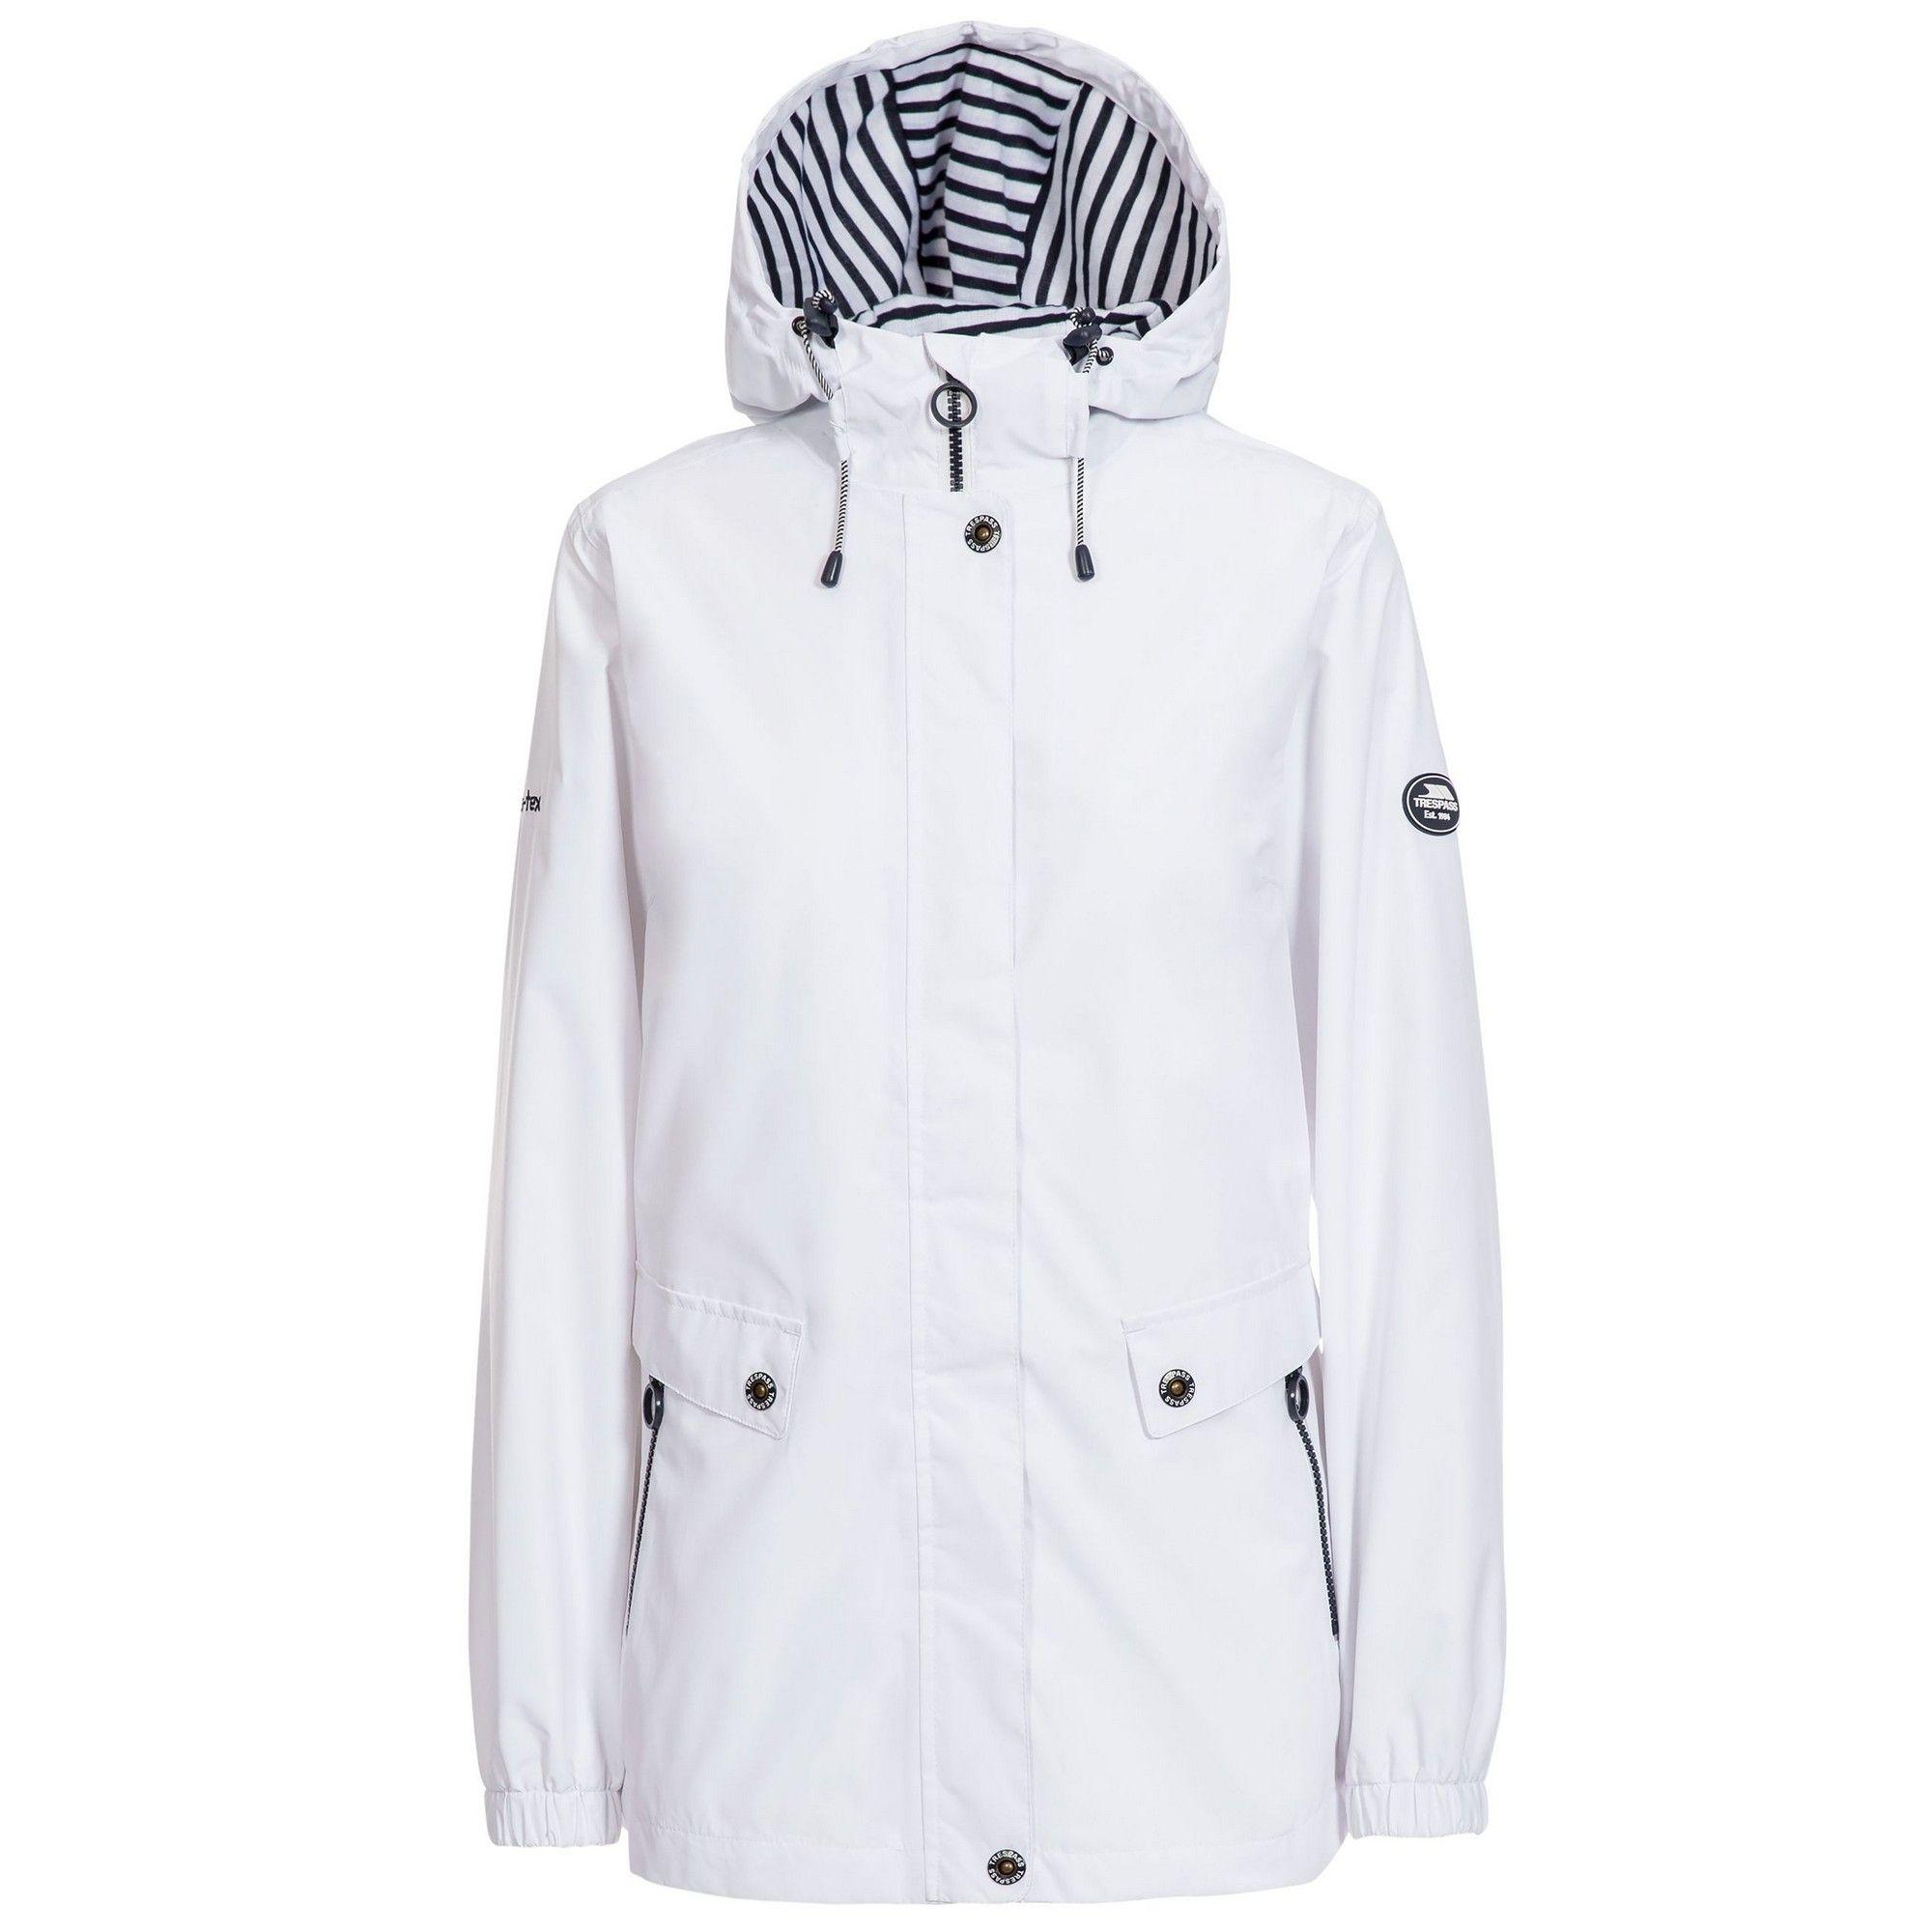 Trespass Womens/Ladies Flourish Waterproof Jacket (White)